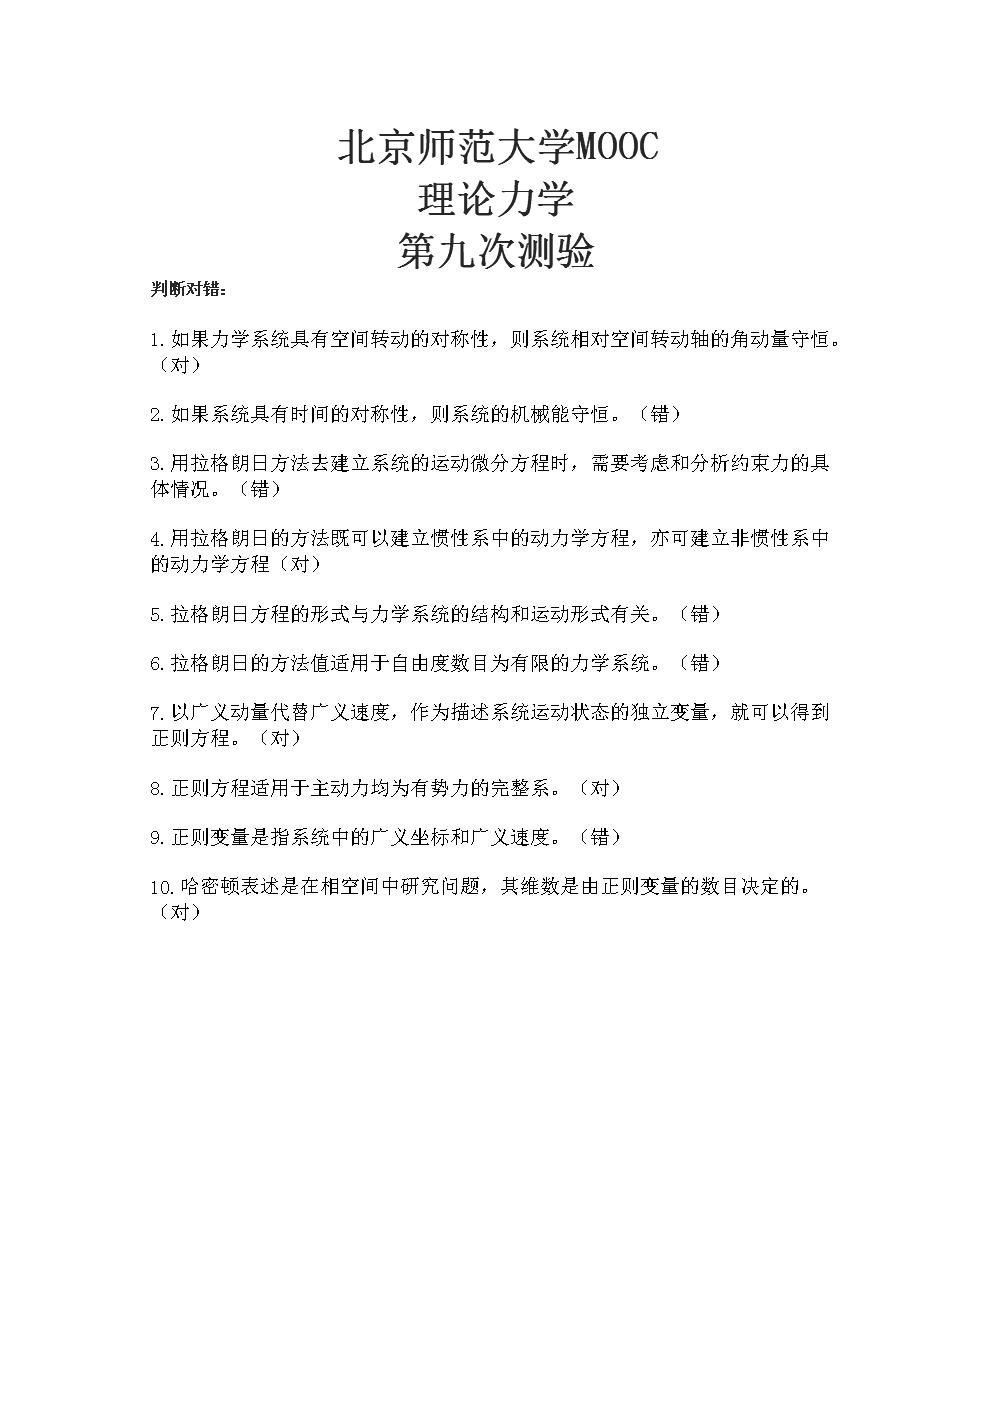 【北師大MOOC】(含答案)理論力學第九次測驗.docx